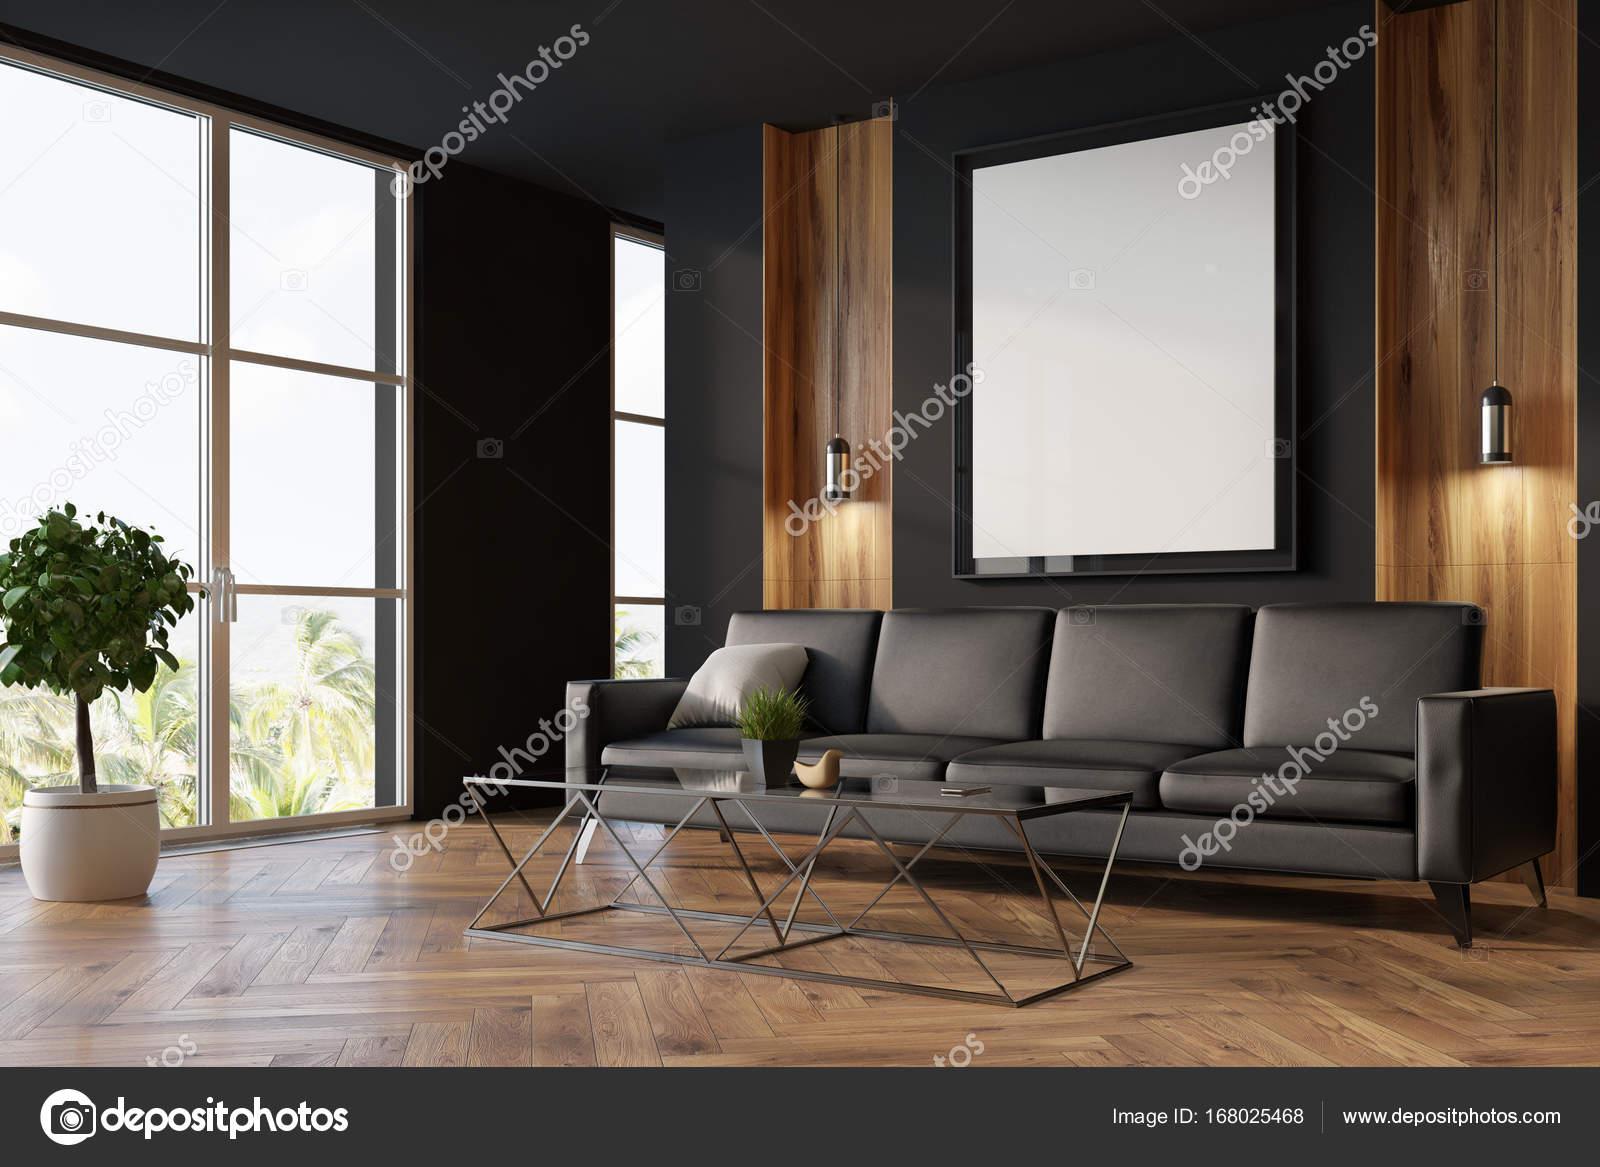 Preto E Sala De Estar De Madeira Sof E Cartaz Fotografias De  -> Sala Cinza Preto